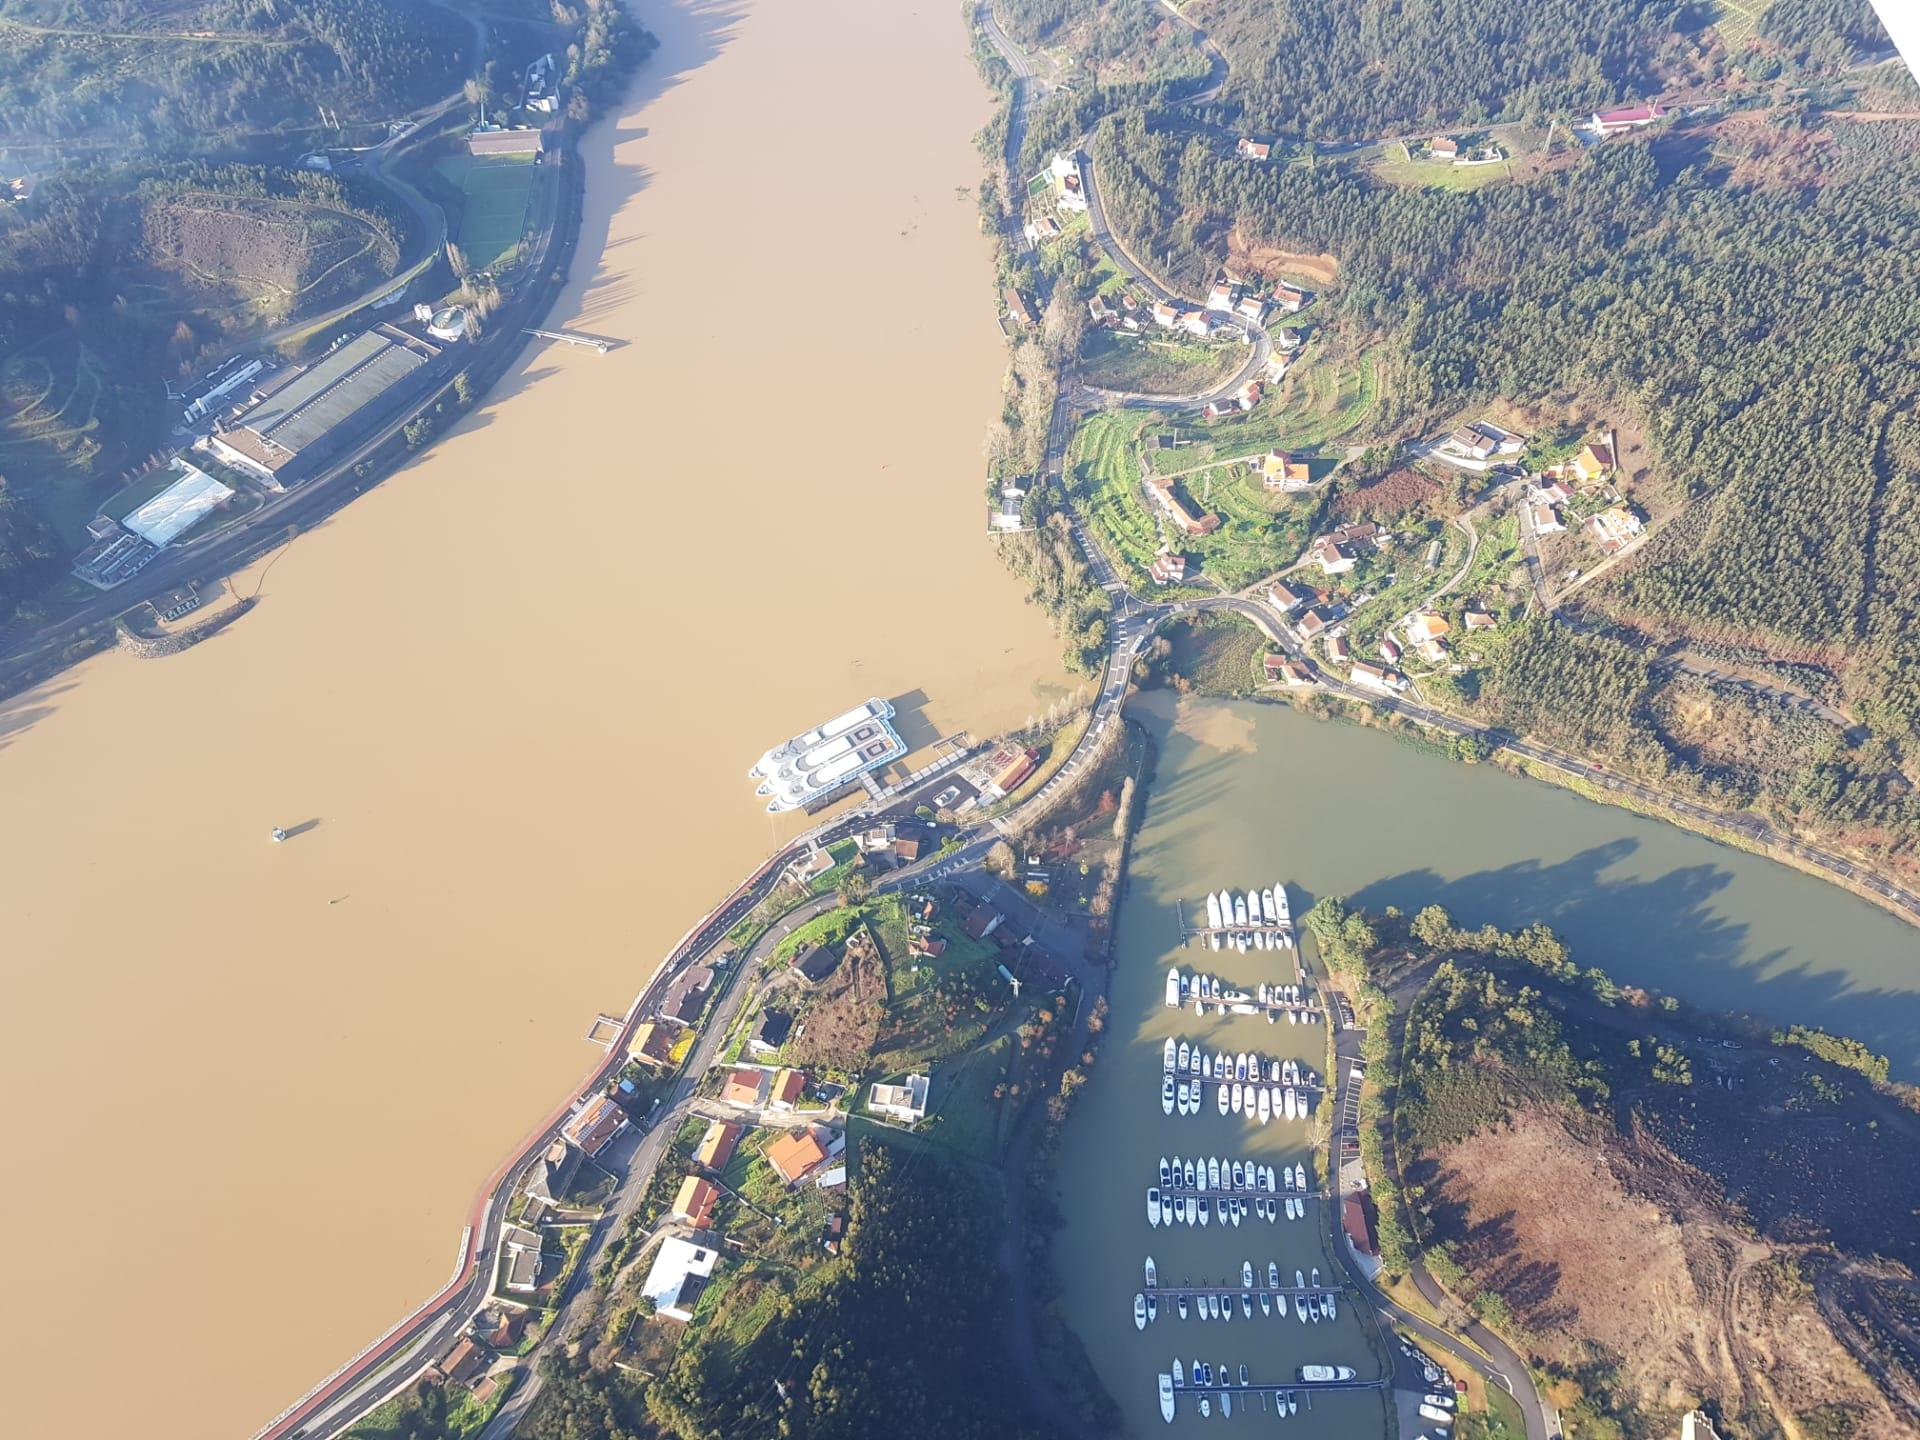 LM-Arquivo-Douro-Paiva-Foto-Aerea-ETA-Lever-049